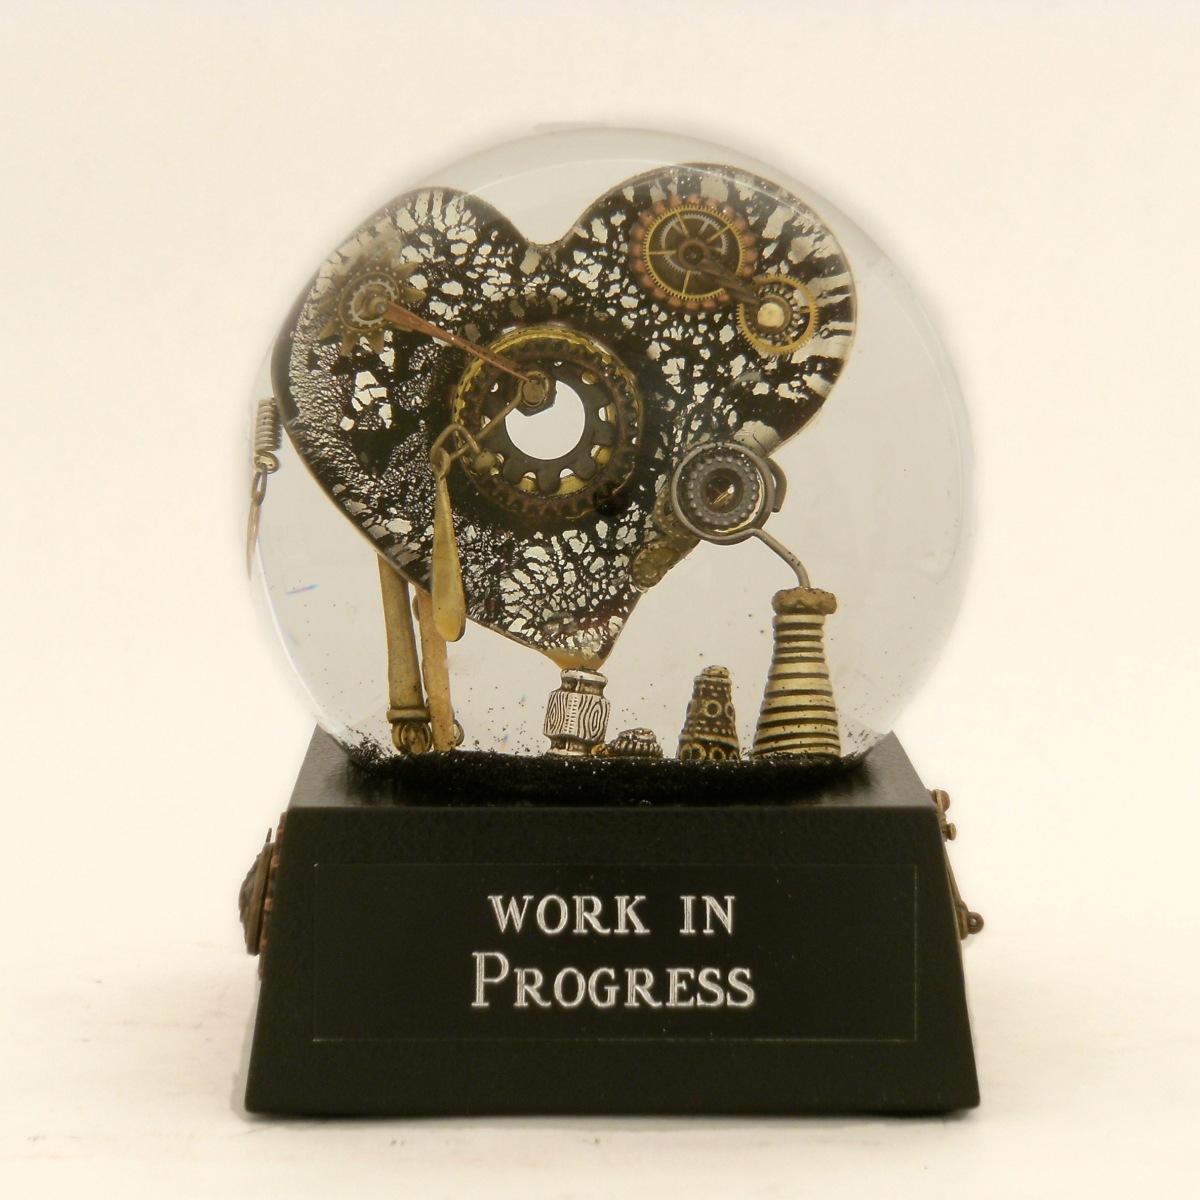 Work in Progress Heart snow globe